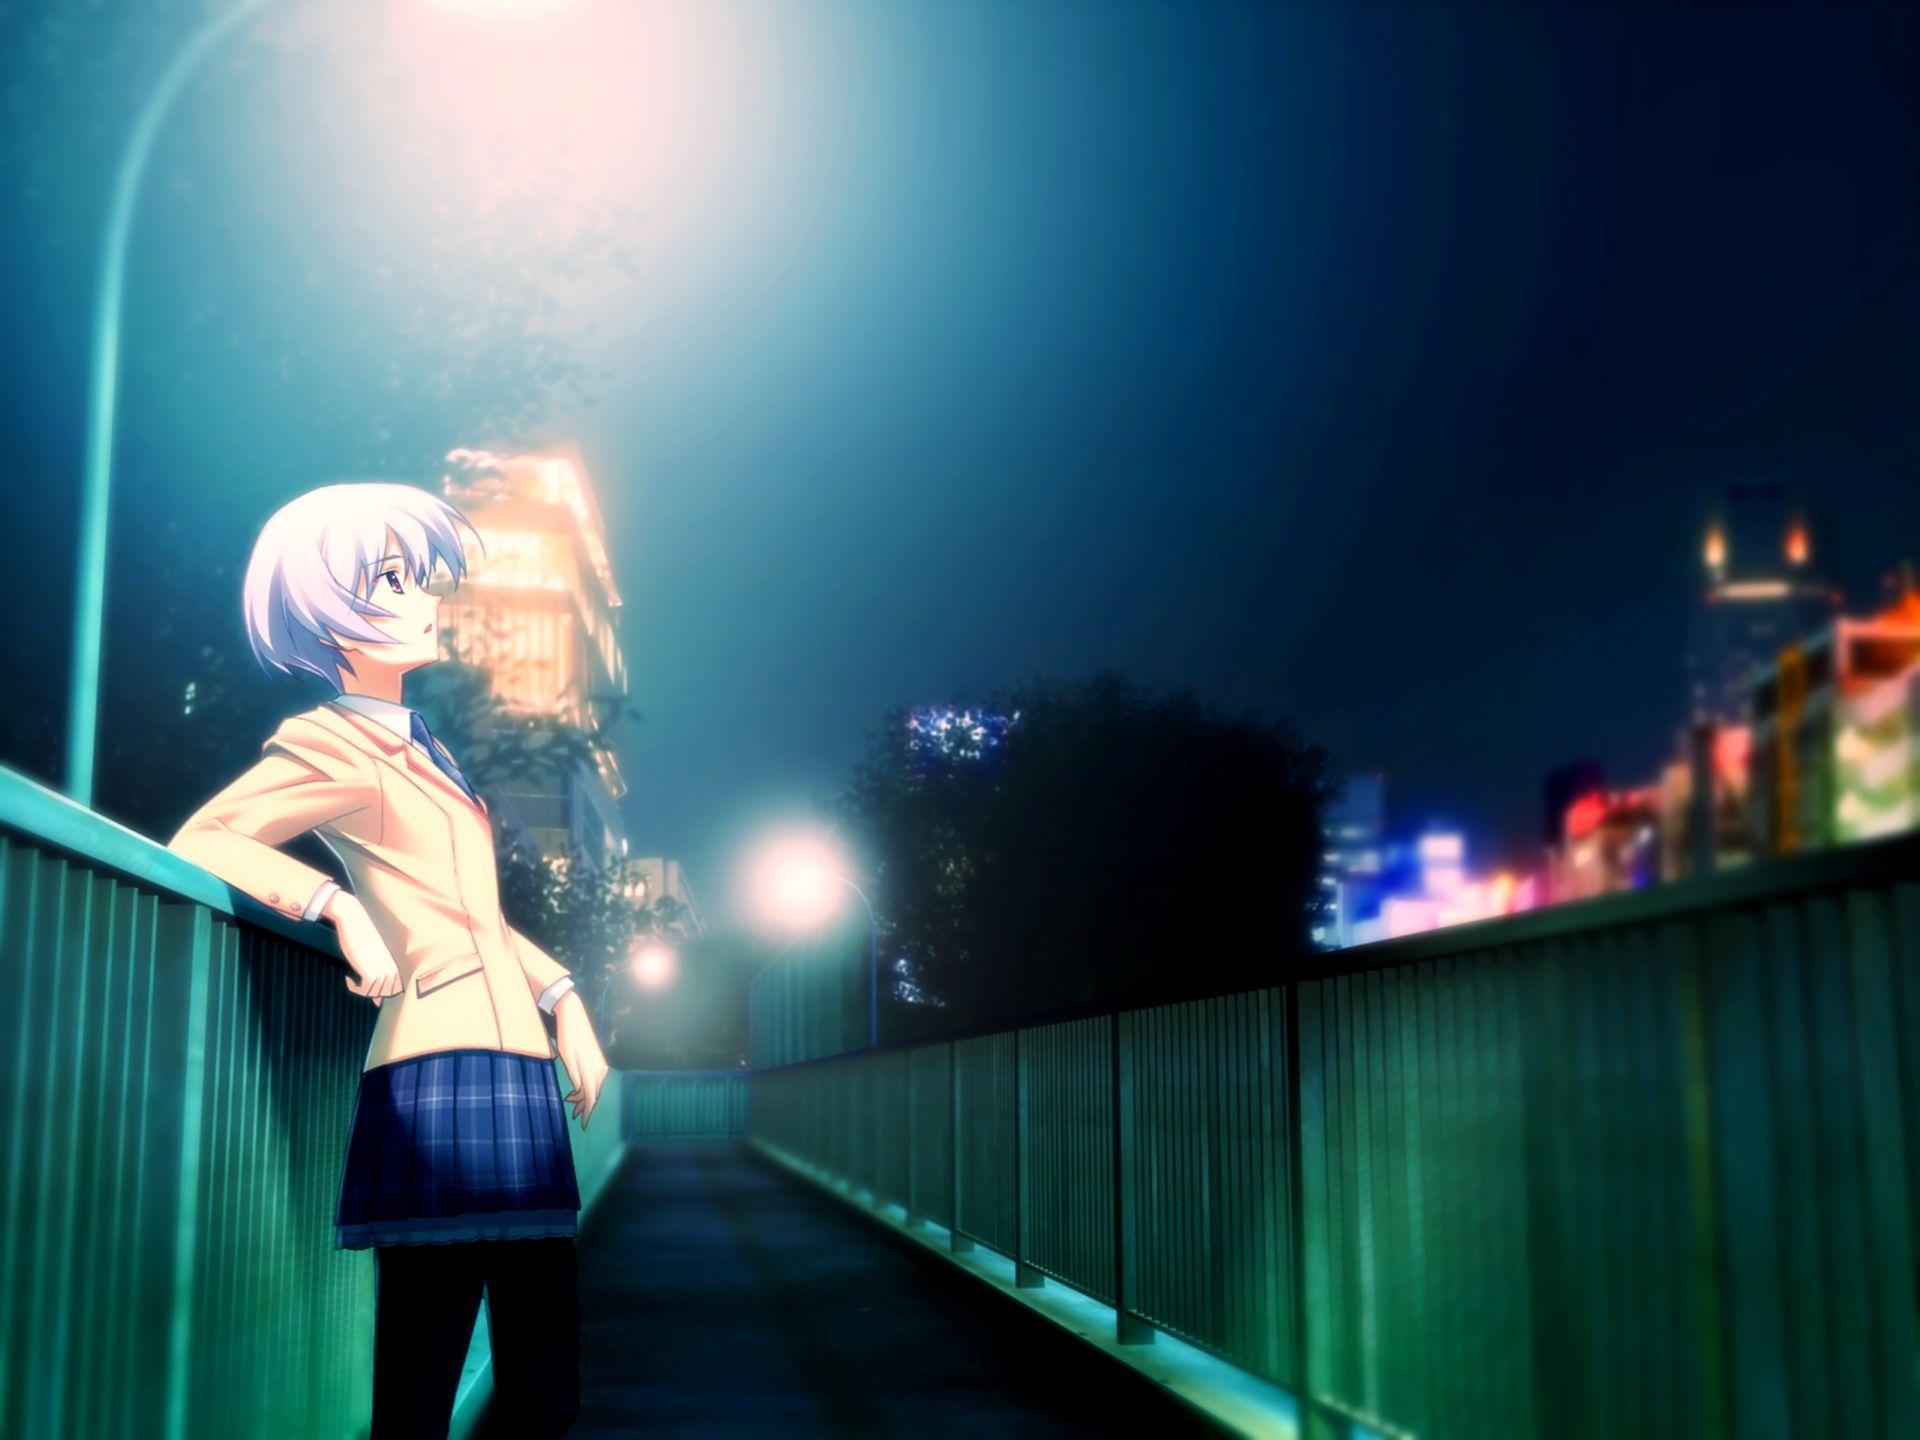 Minitokyo_Chaos_Head_Scans_381690.jpg